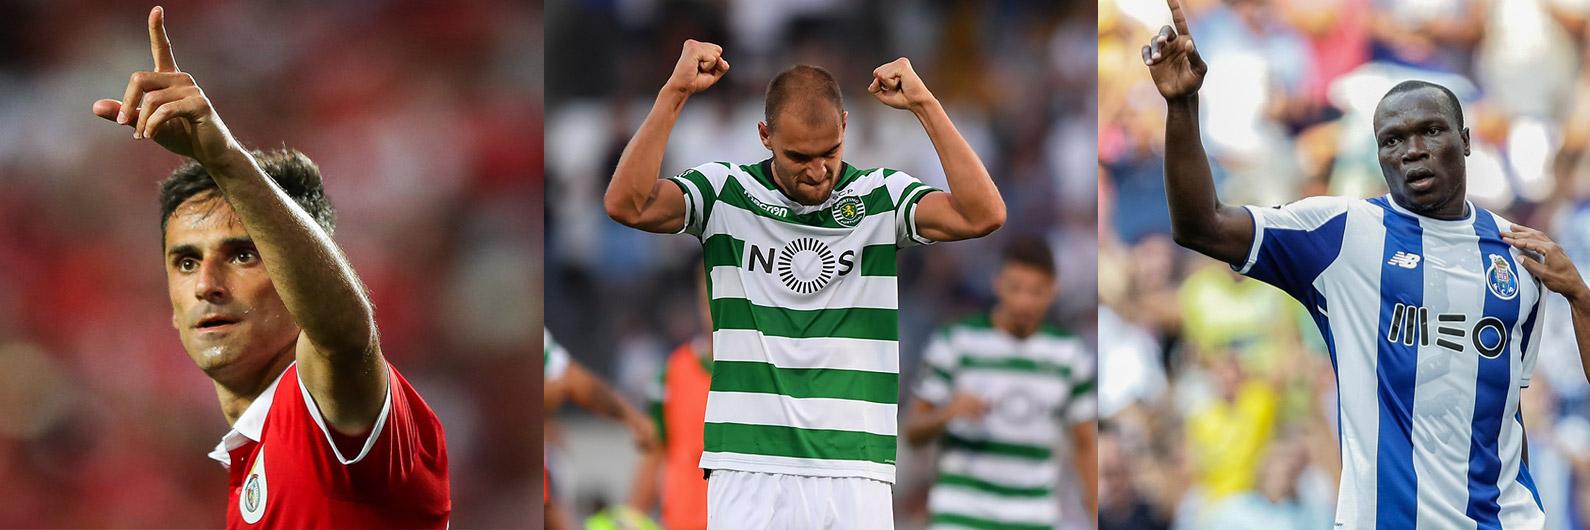 31 golos marcados na terceira jornada